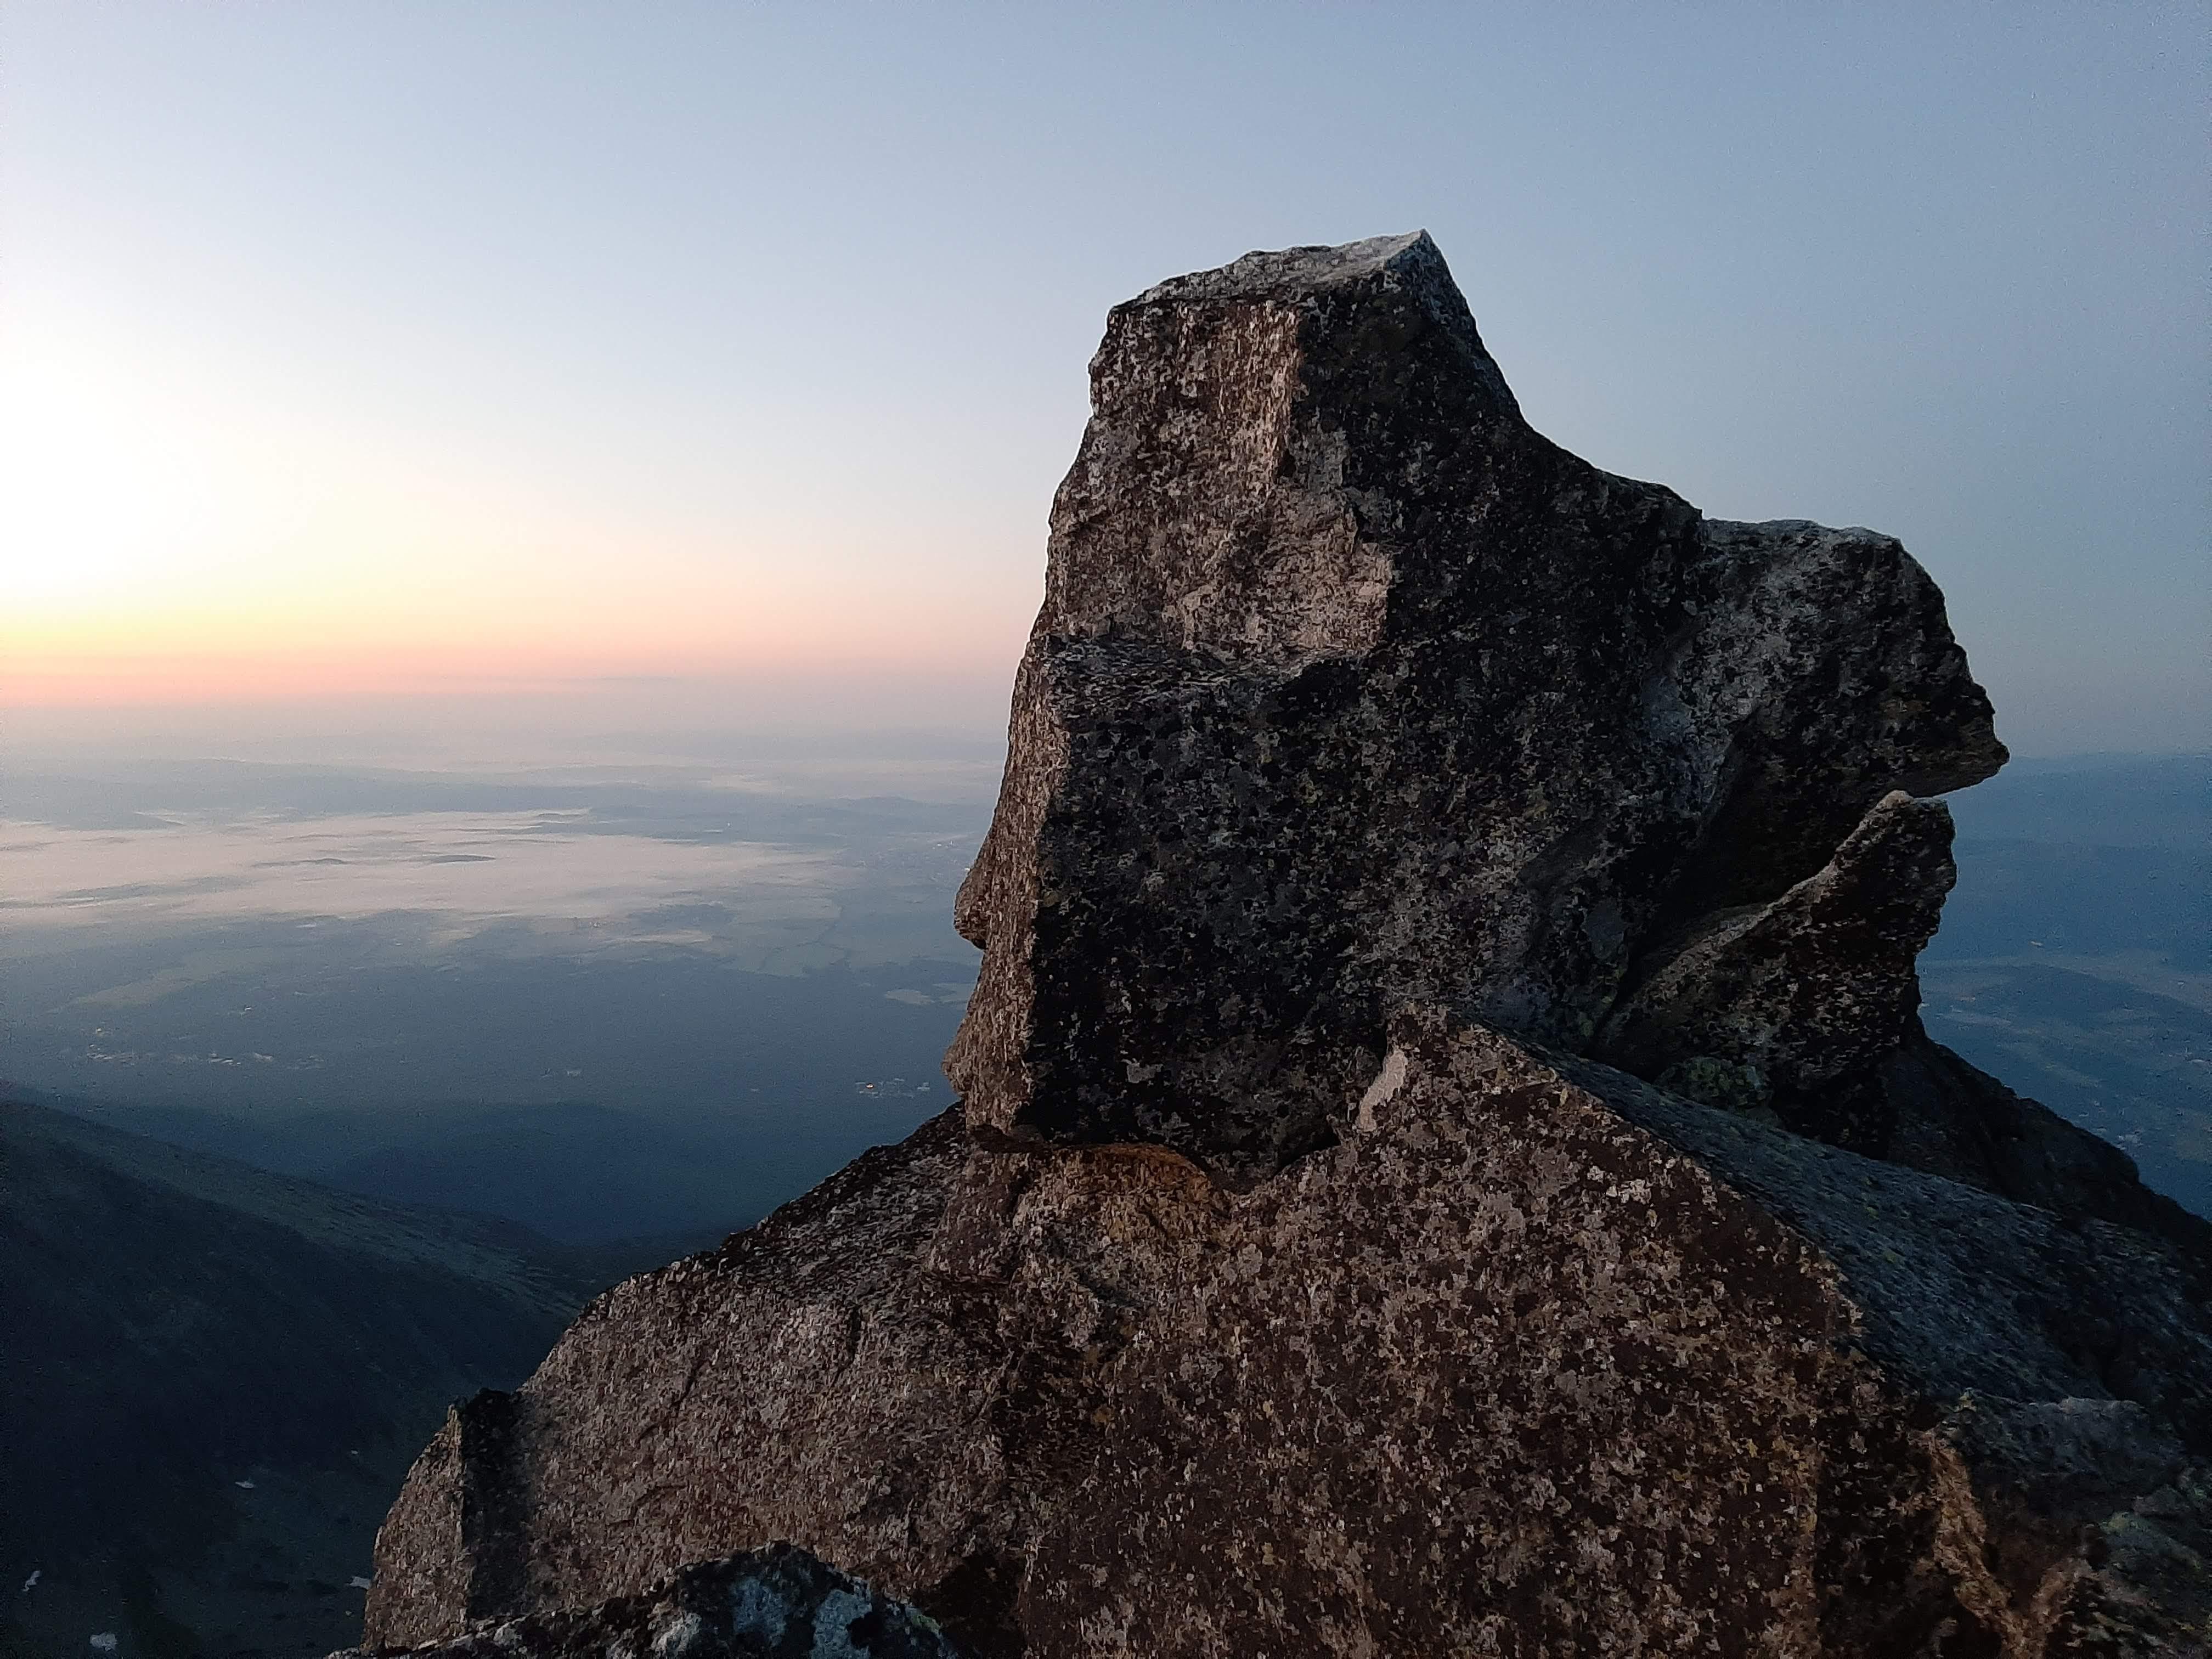 Słowacja, Tatry: Kończysta - Končistá 2537 m n.p.m., kowadło na Kończystej